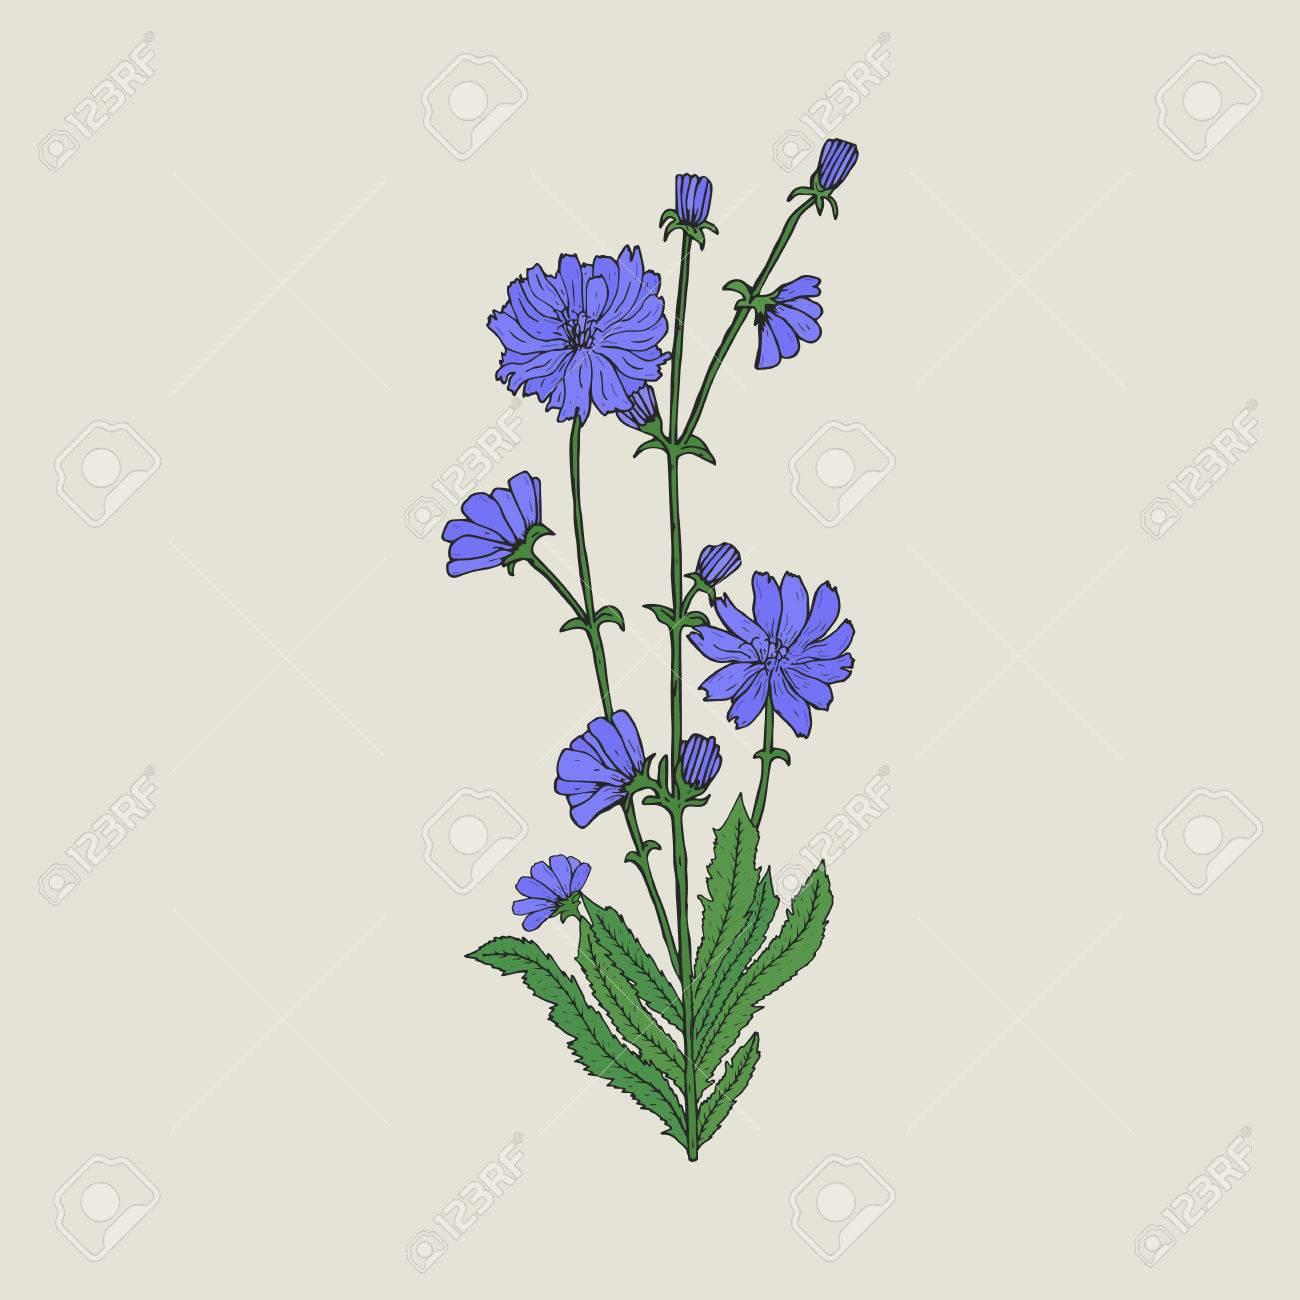 Dibujo Realista Detallado De Achicoria Con Flores Y Hojas Hermosa